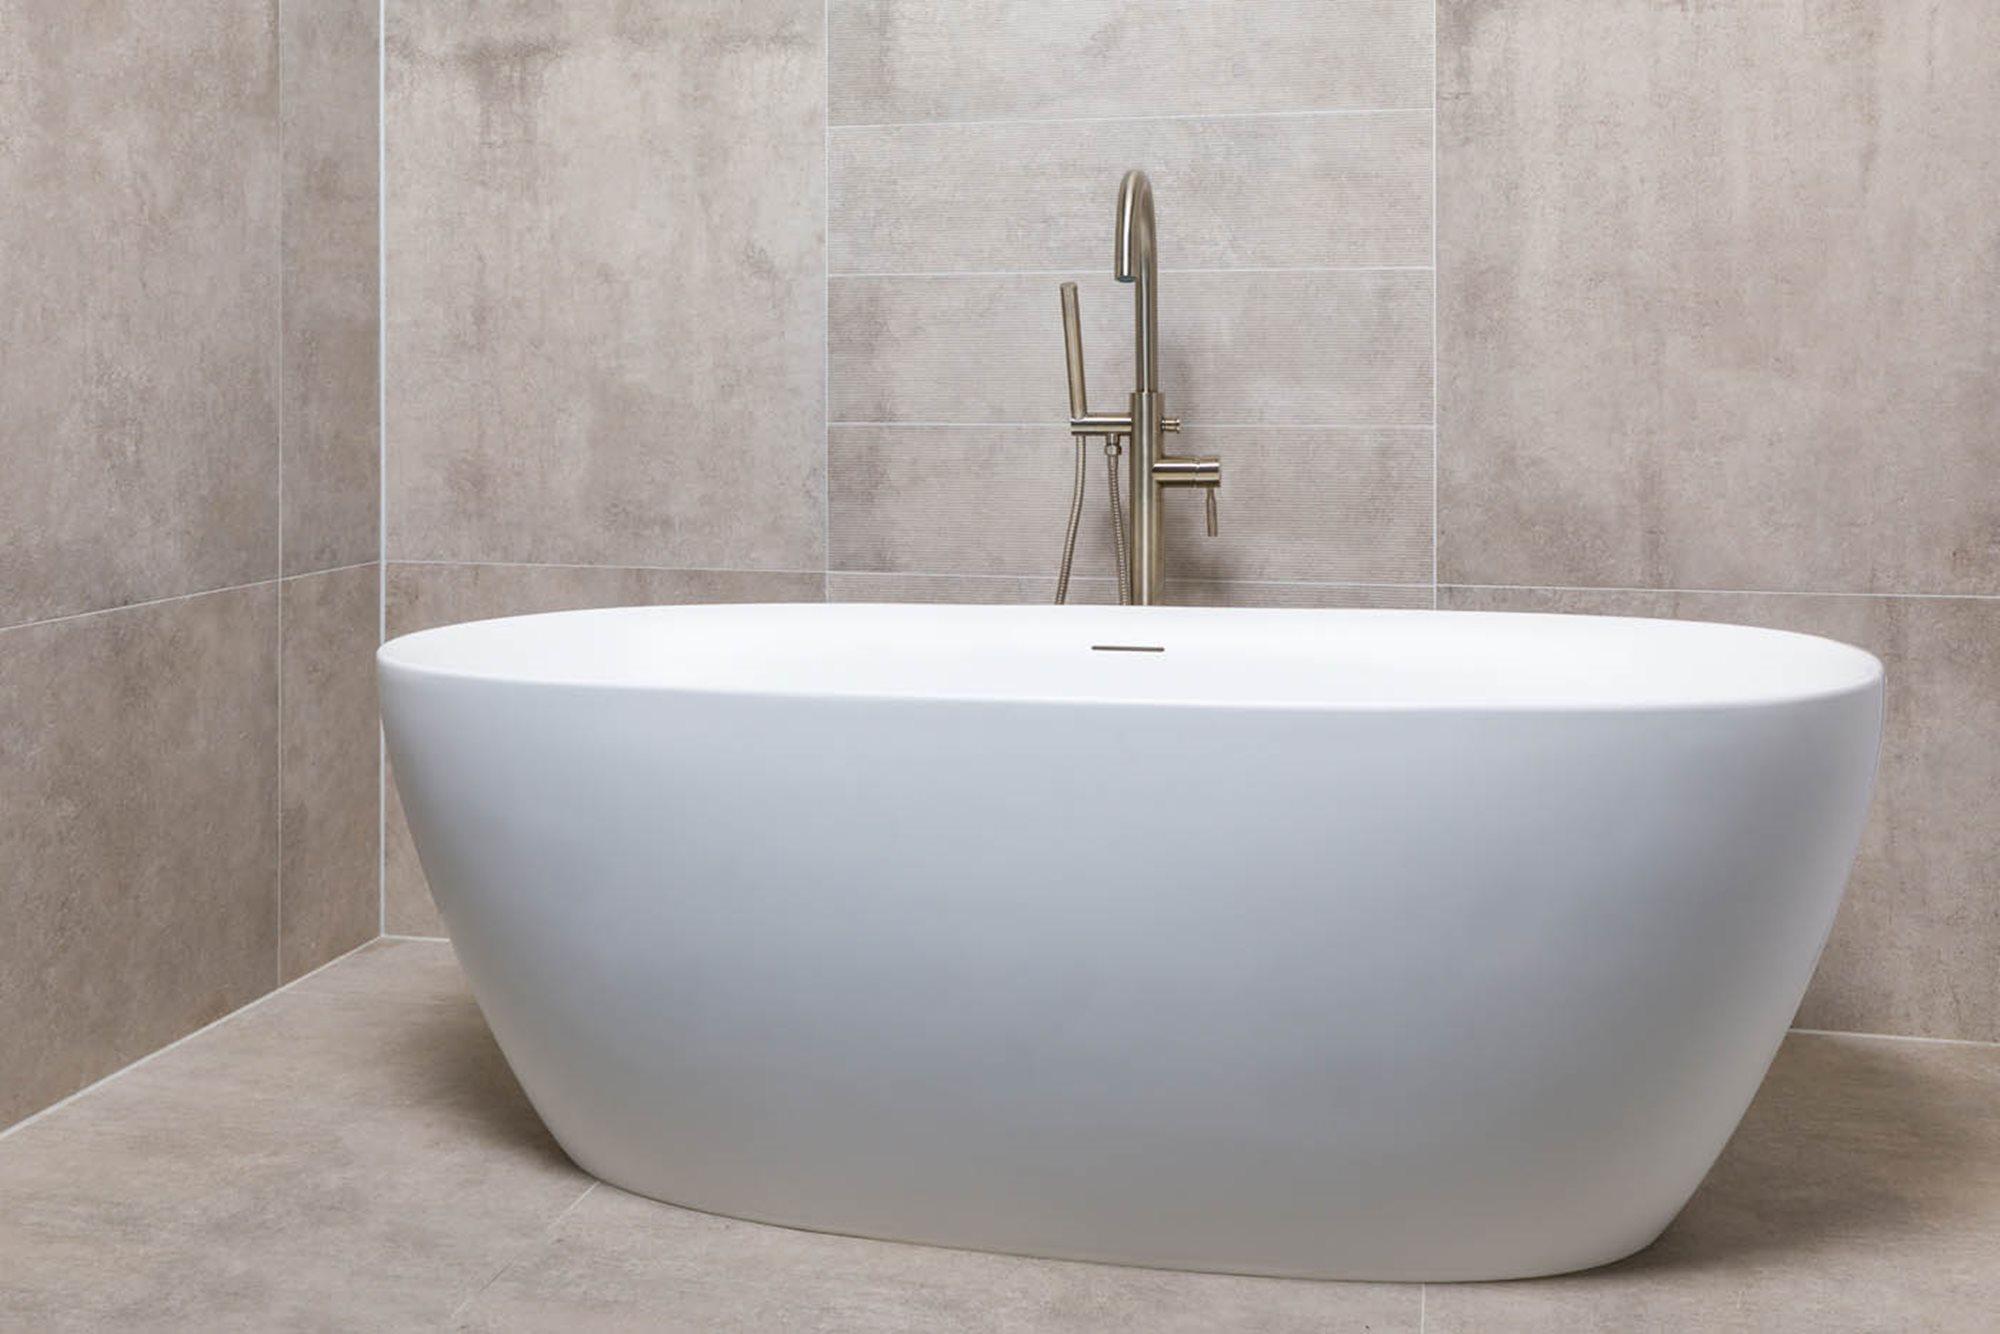 vrijstaand-bad-plaatsen-installeren-vrijstaand-bad-rvs-badkraan.jpg